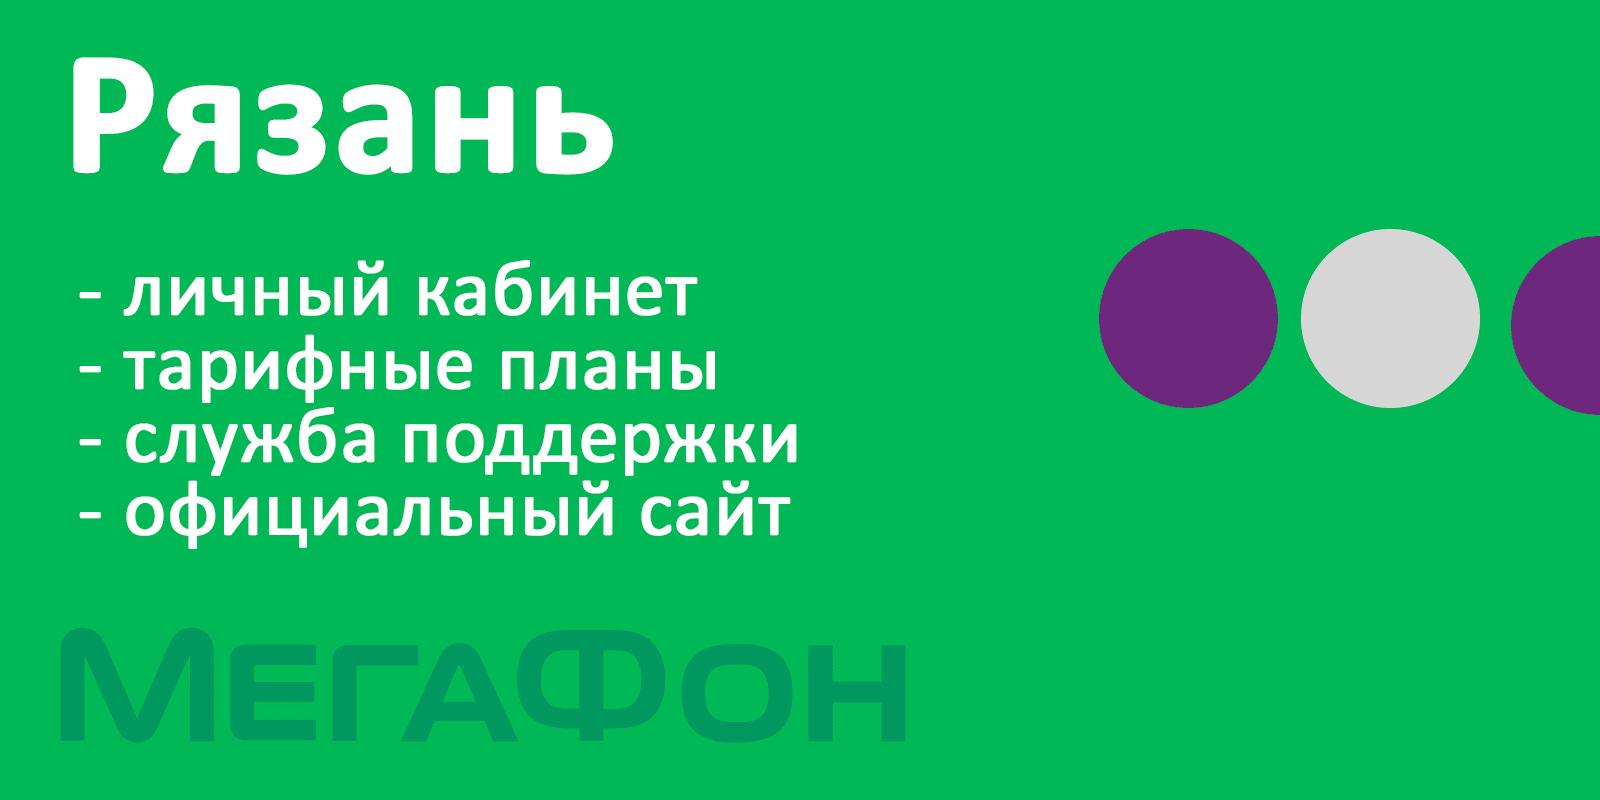 Мегафон Рязань - личный кабинет, тарифы, официальный сайт